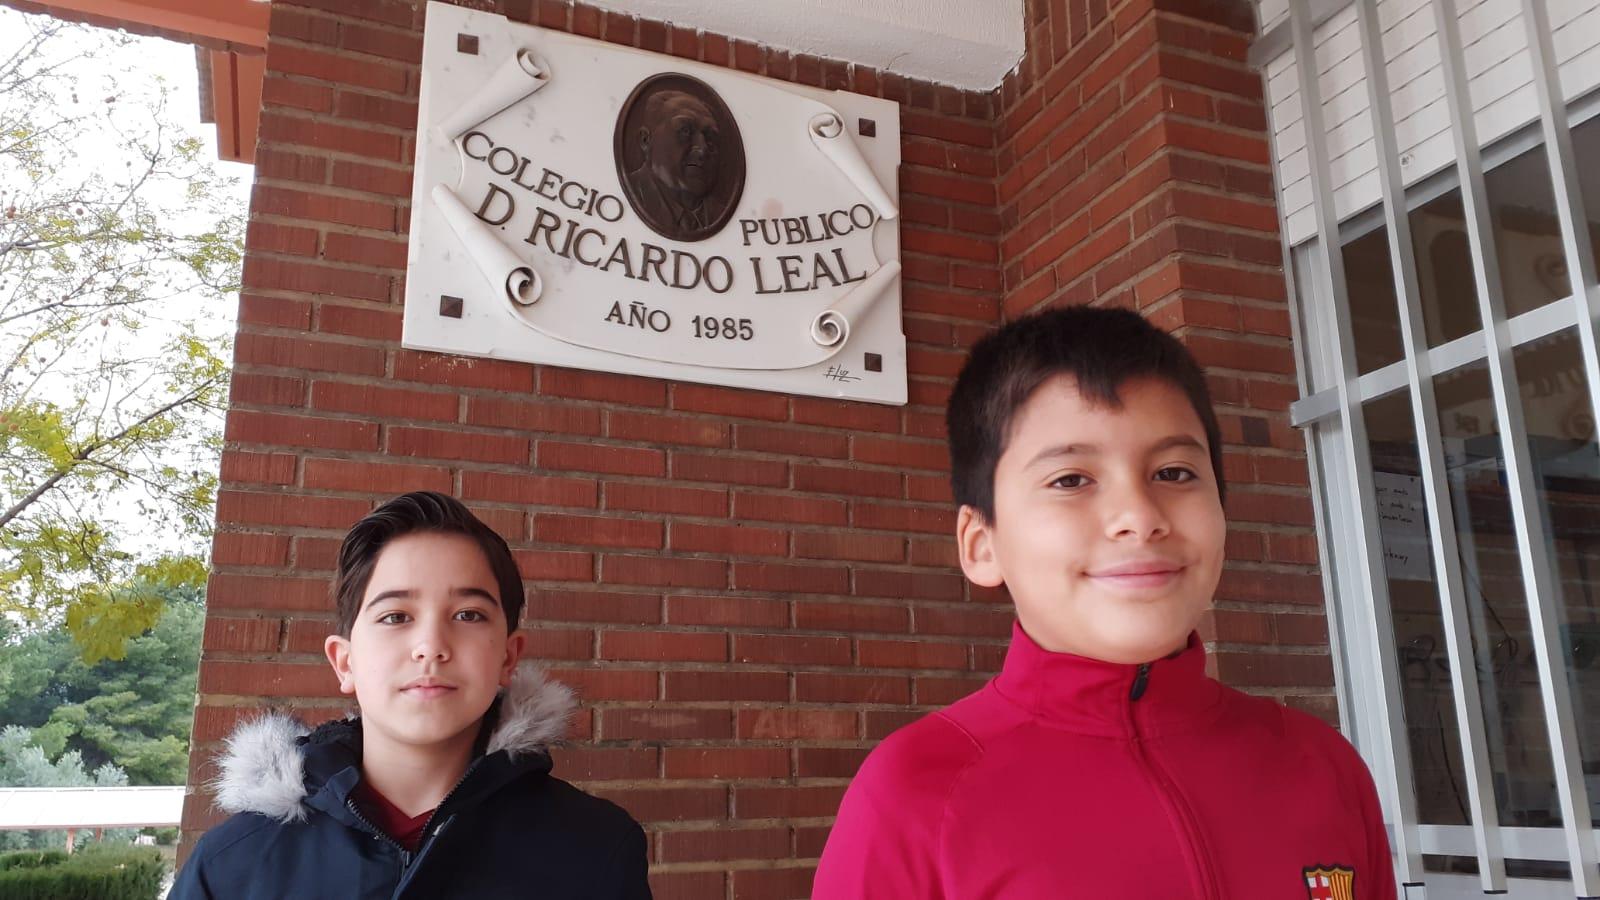 L'oratge de la mà de l'alumnat del CEIP Mestre Ricardo Leal de Monòver Oratge